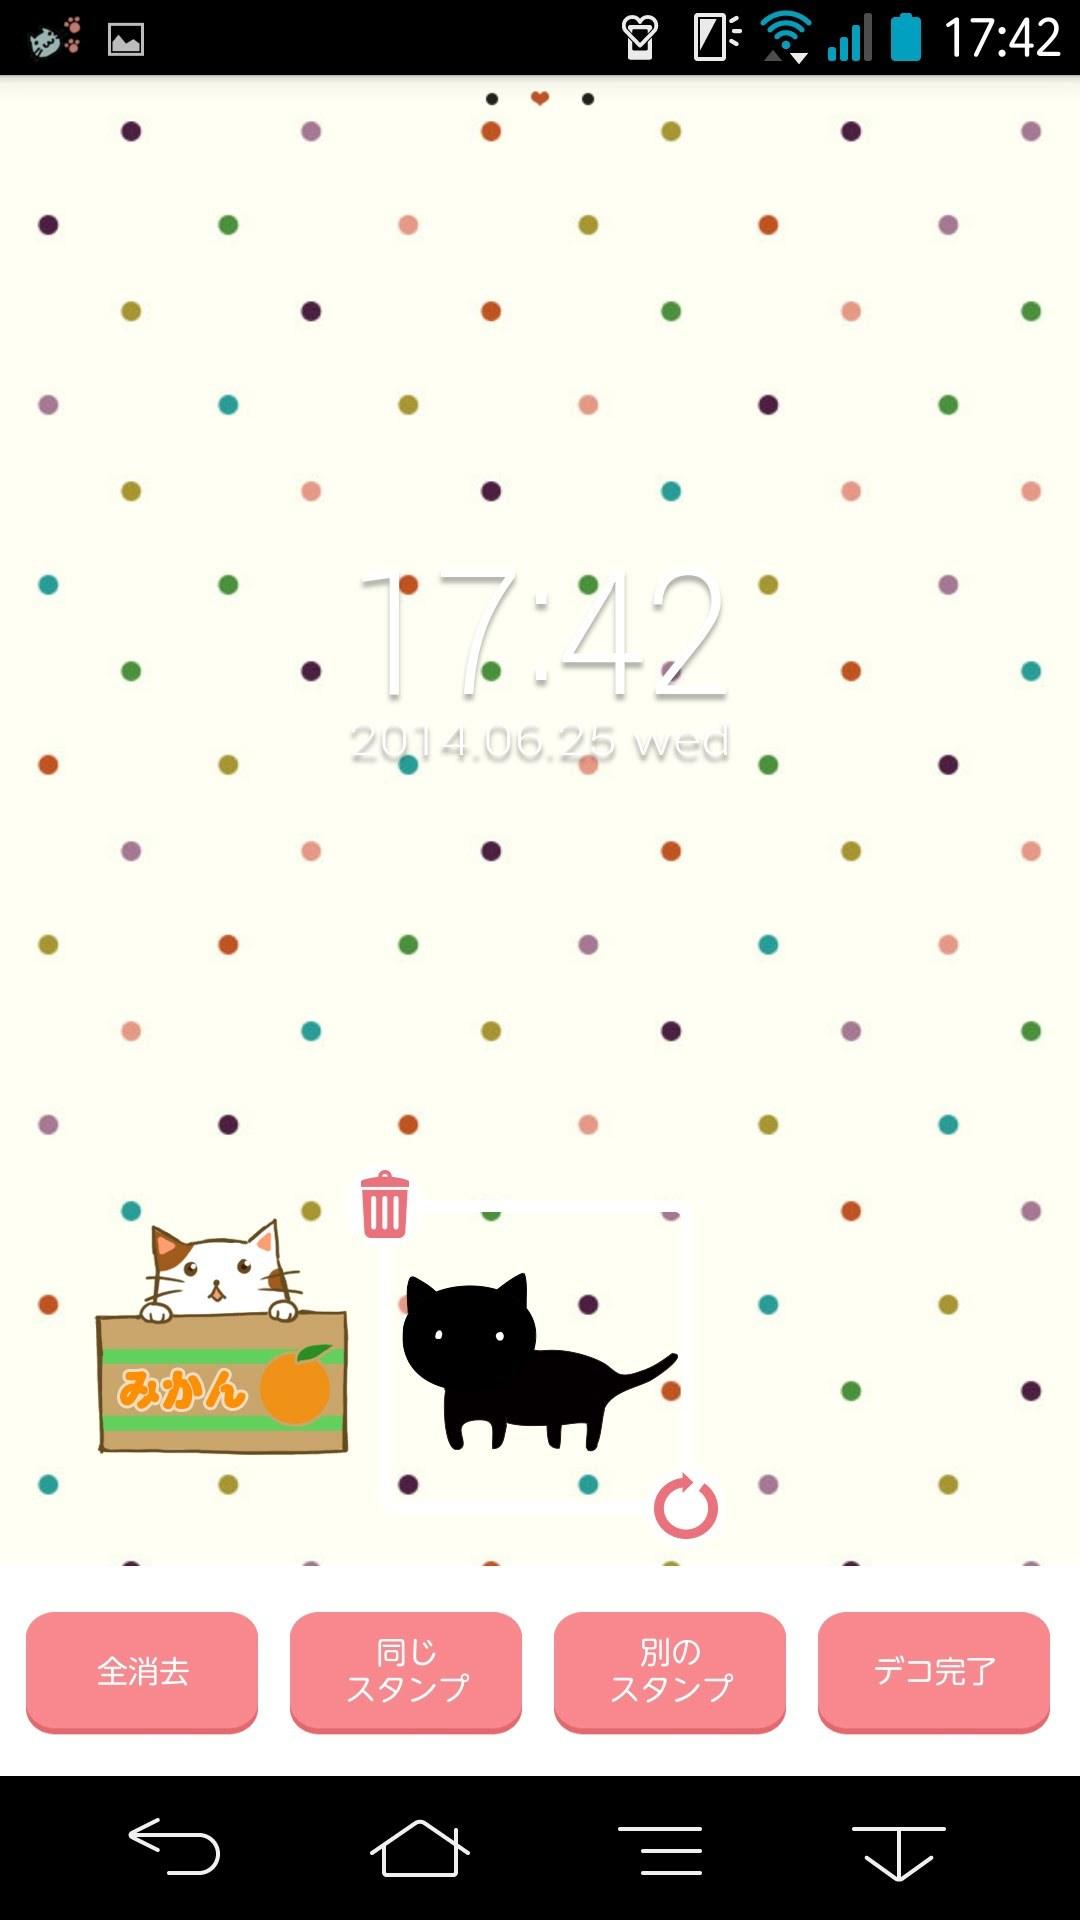 ニャンとスマホが 猫 まみれ 日常をかわいく便利にする 猫 アプリ